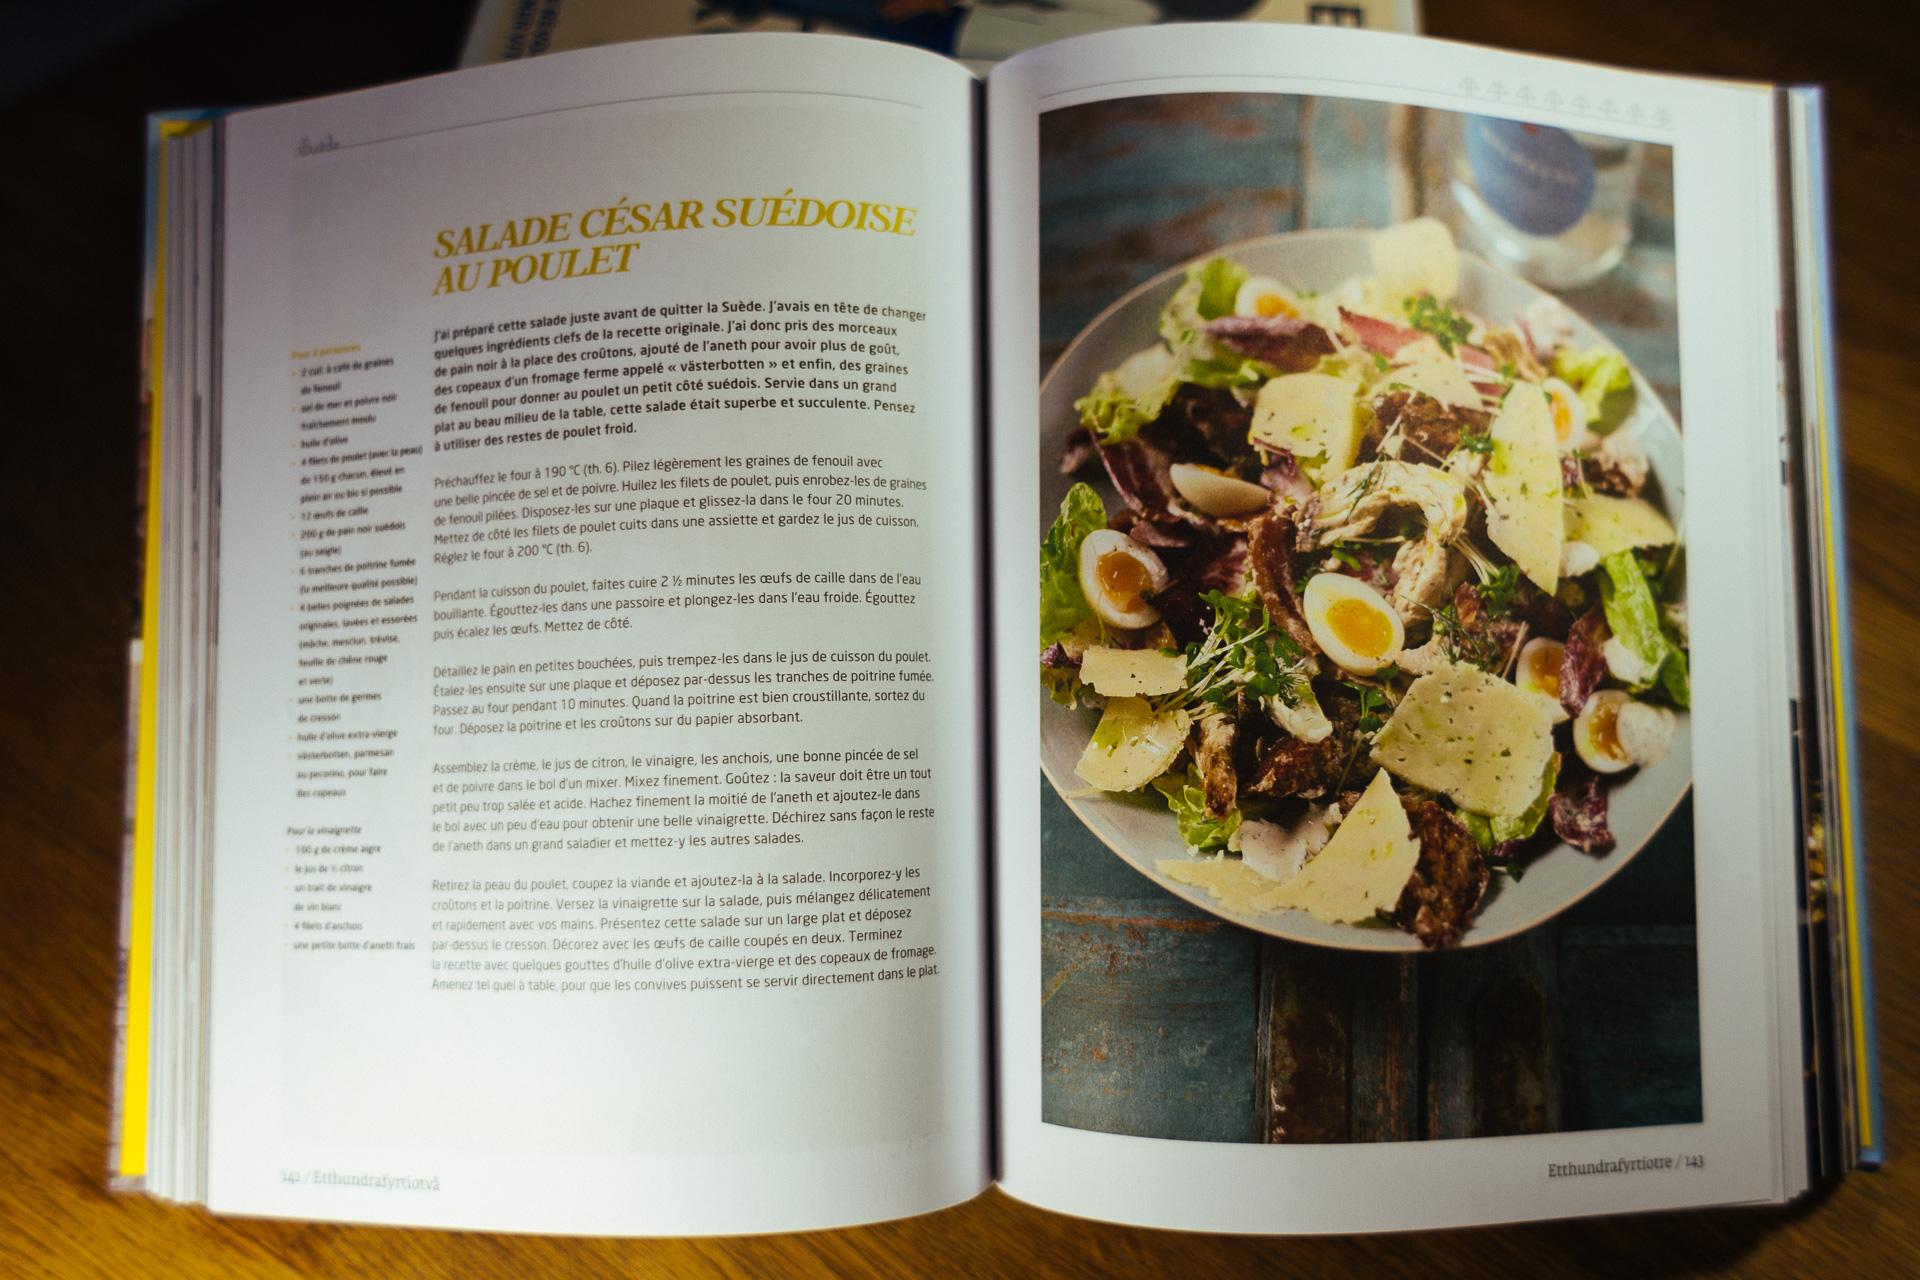 Les carnets de route de jamie oliver yummy planet - Livre cuisine jamie oliver ...